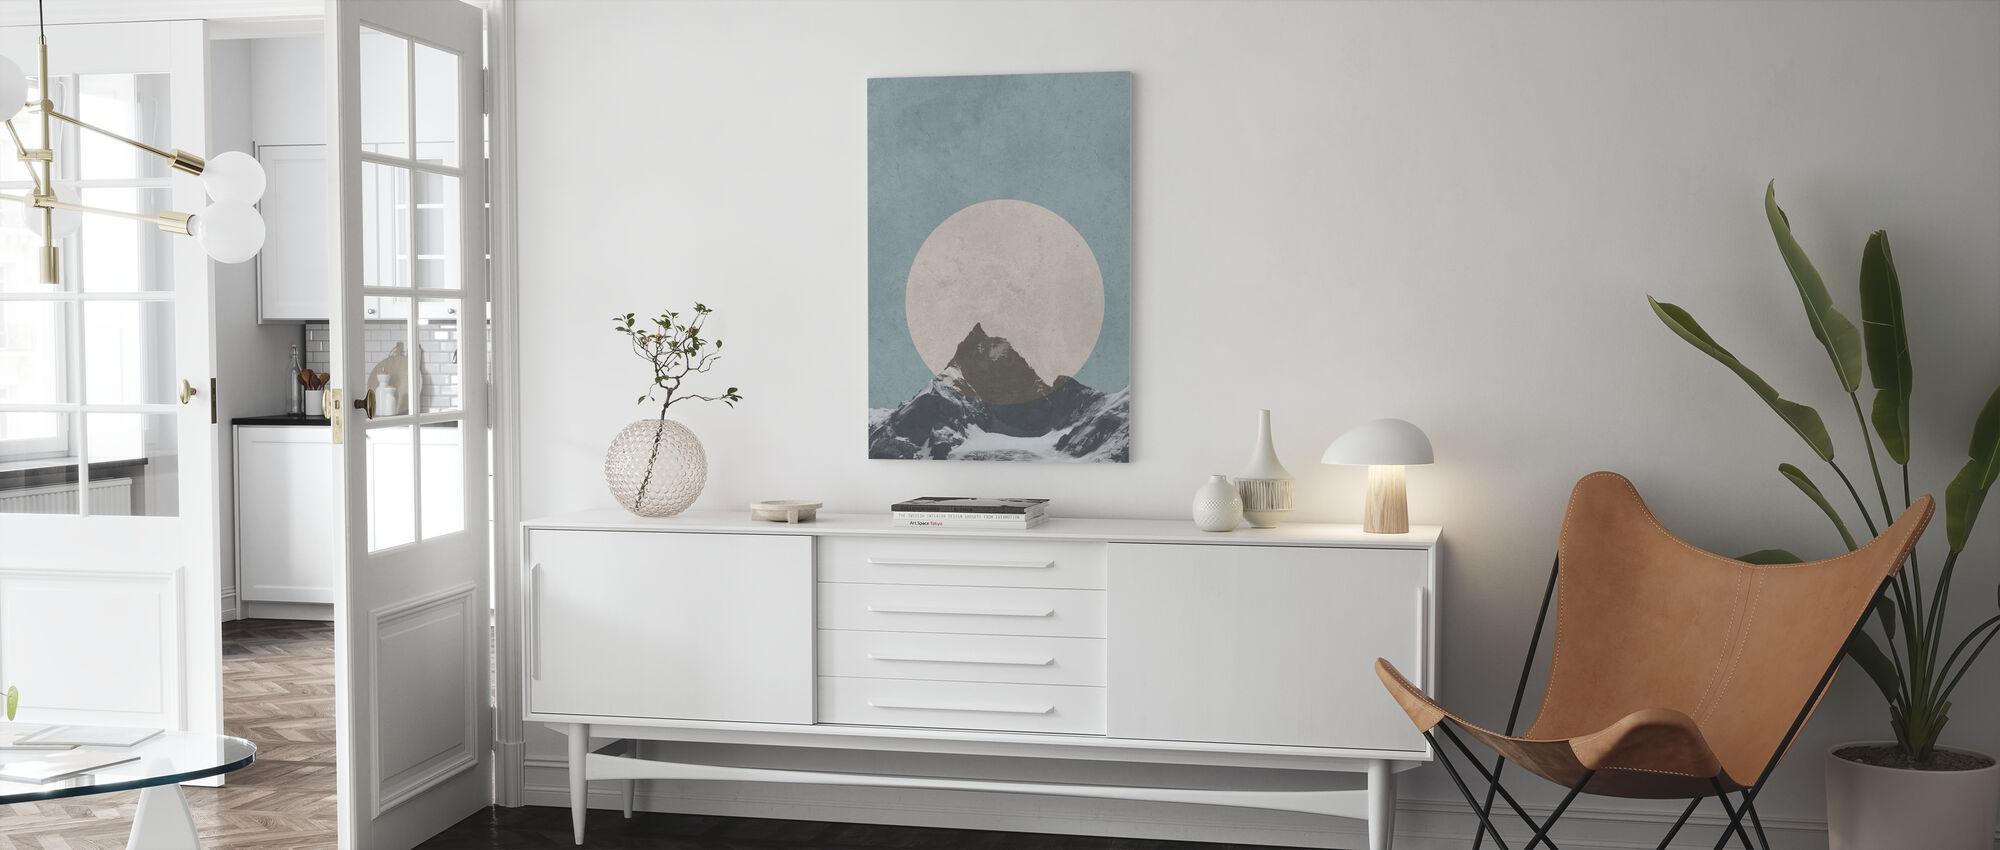 Berg-Touch - Leinwandbild - Wohnzimmer